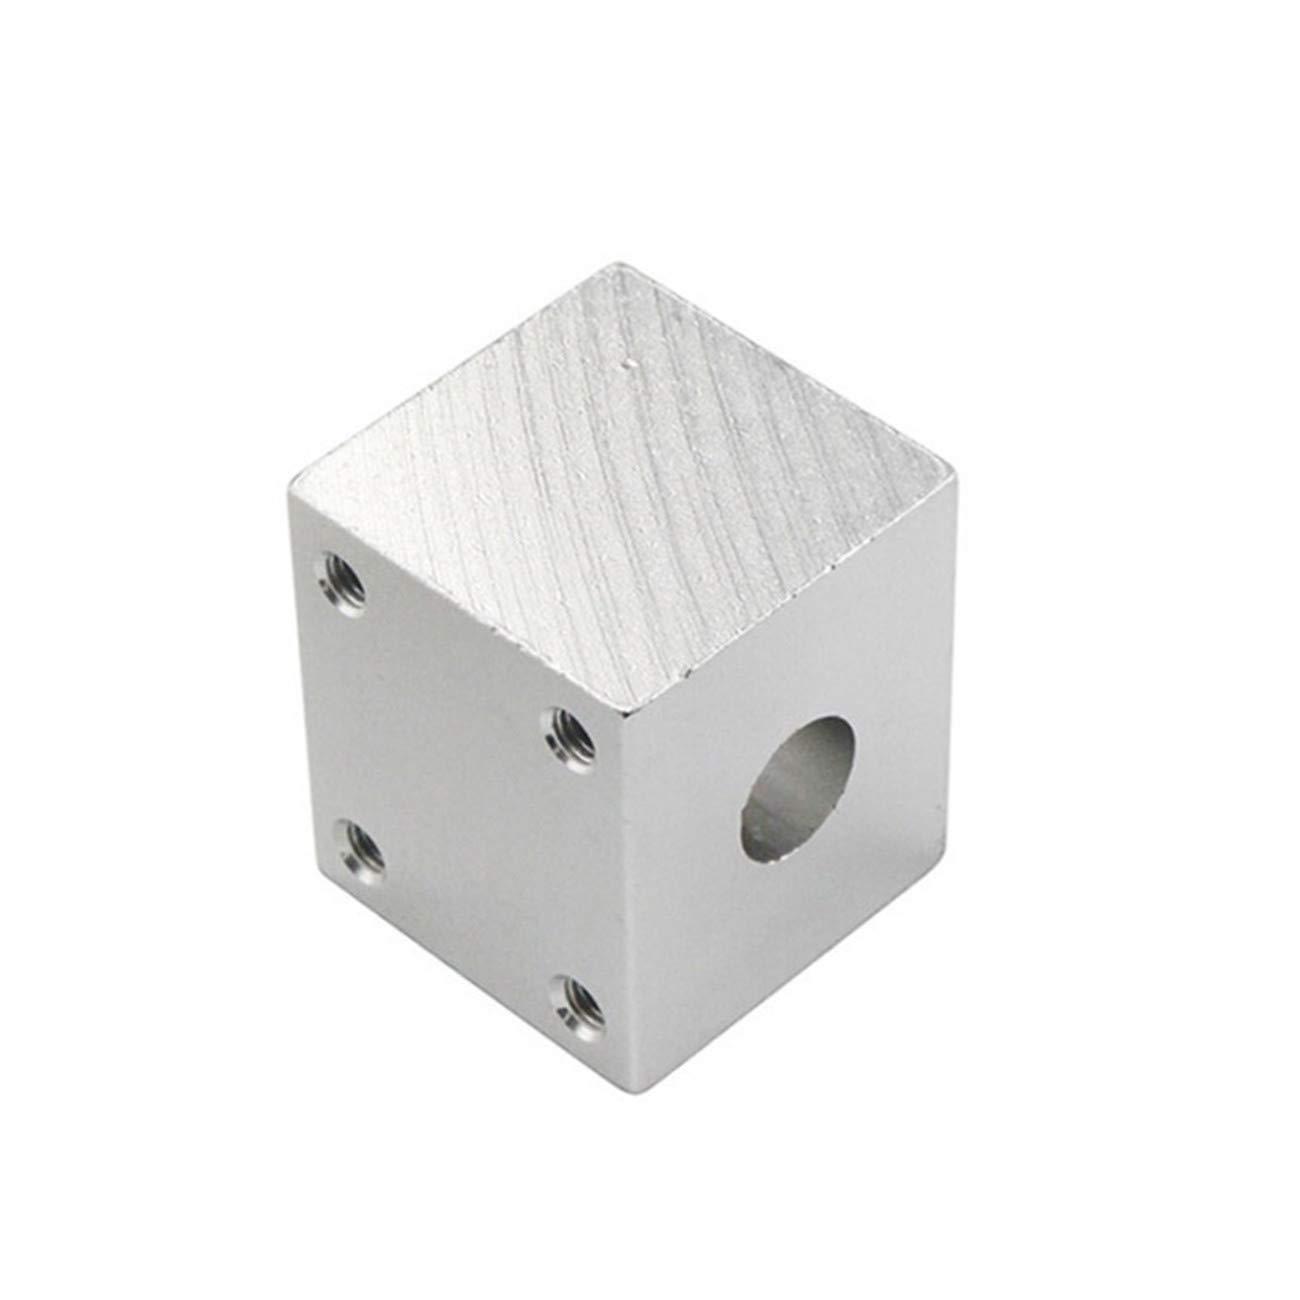 Bigsweety 3D Imprimante Si/ège De Transfert en M/étal T8 Vis Surface De Si/ège De Conversion Surface Anodique Dur R/ésistance /À LOxydation Et /À La Corrosion